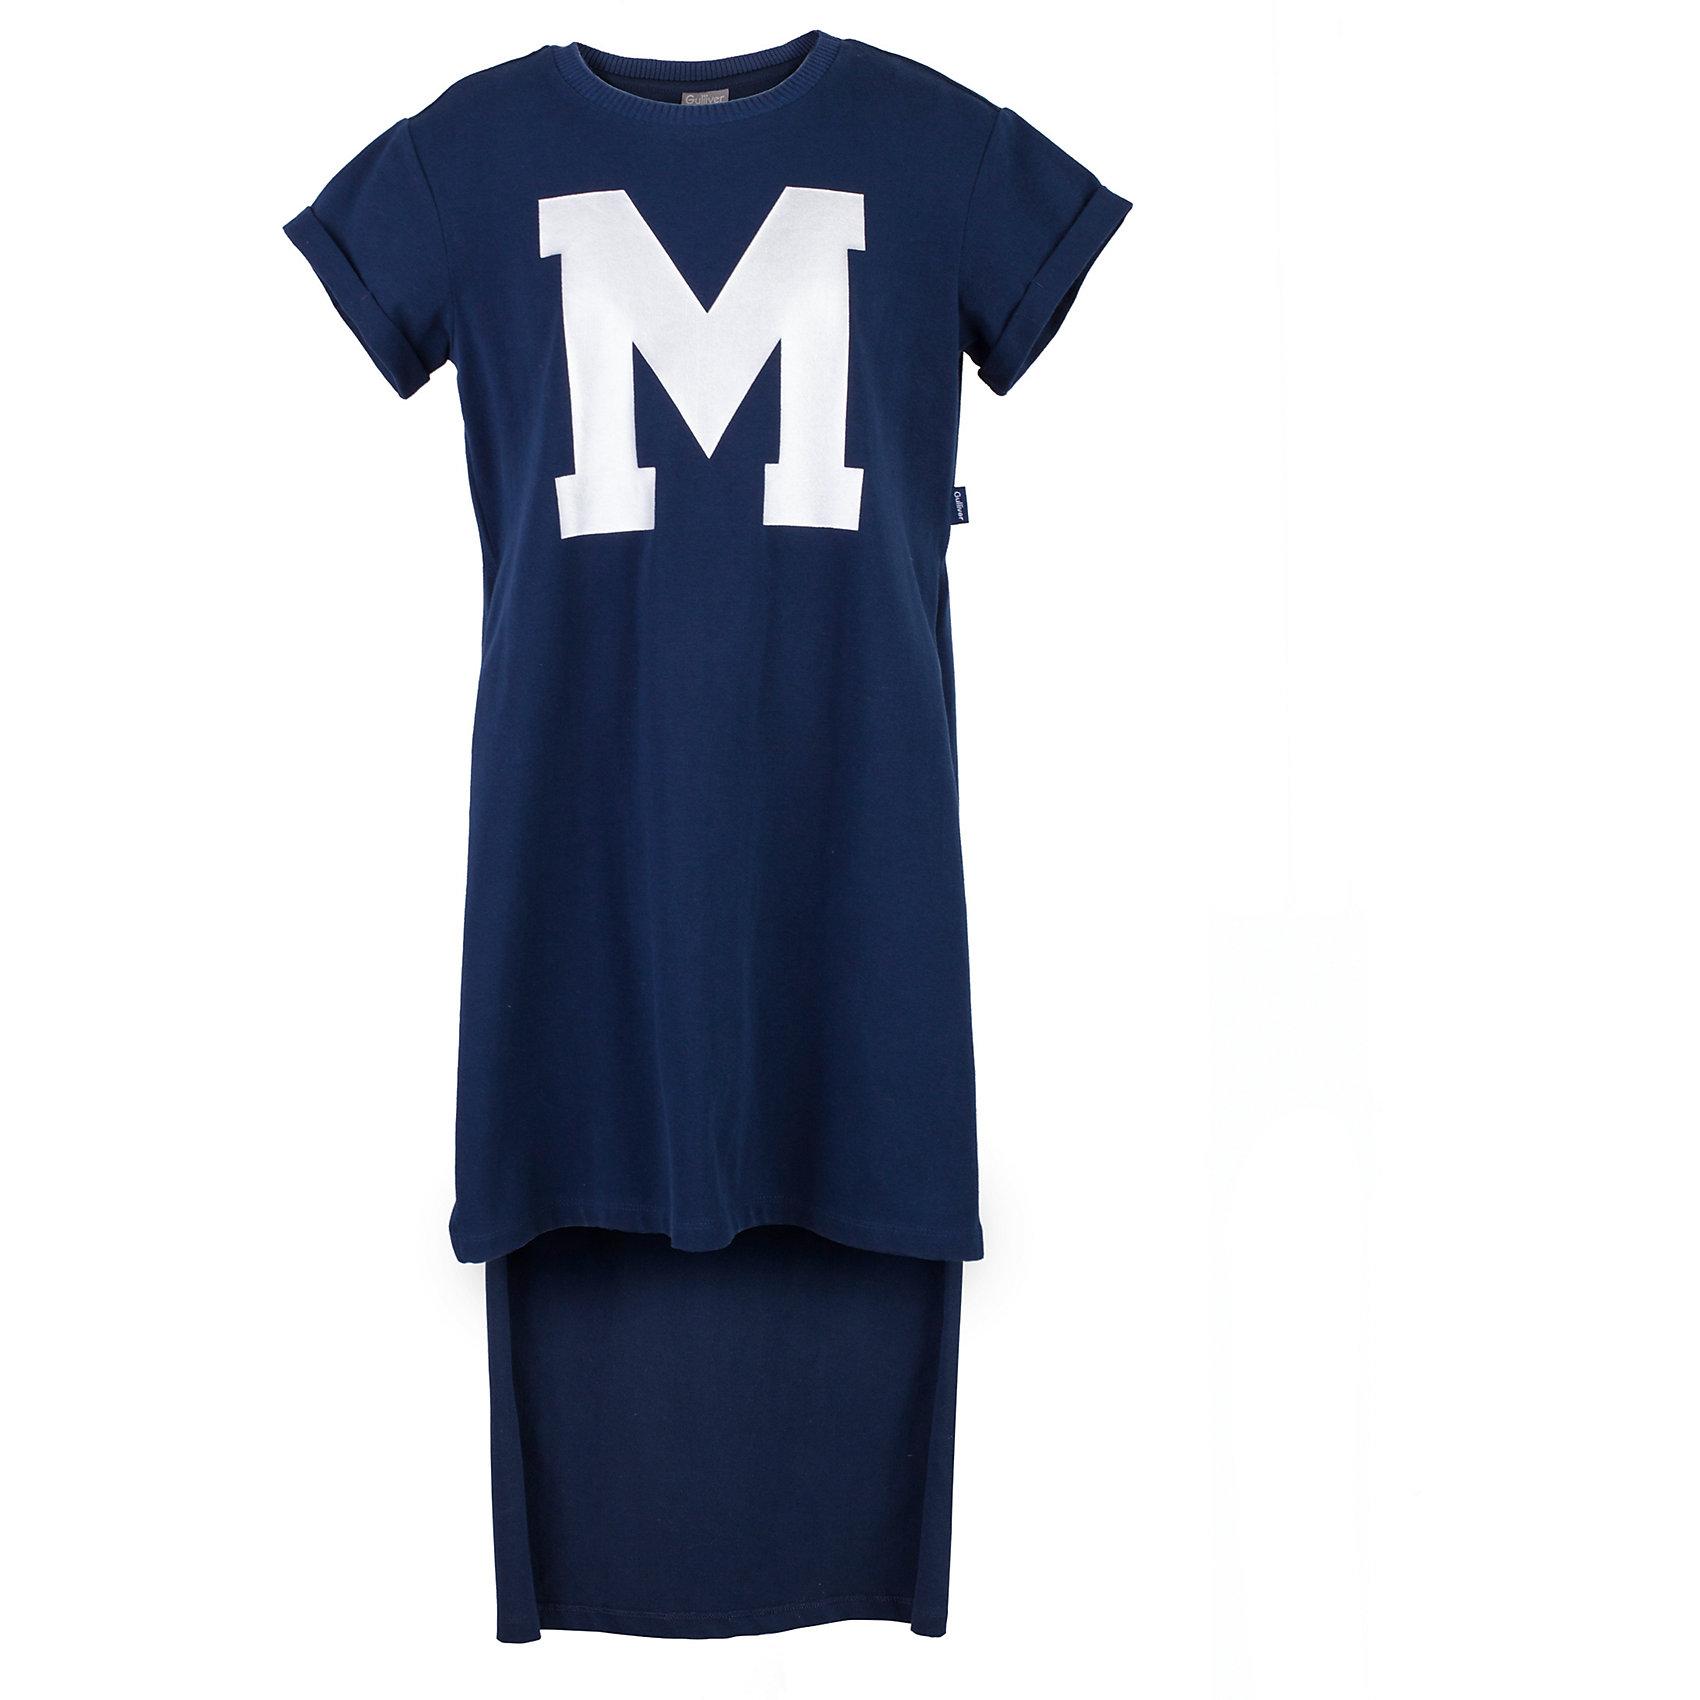 Футболка для девочки GulliverФутболки, поло и топы<br>Вкусовые предпочтения девочки-подростка предугадать не просто. Но дизайнеры Gulliver знают наверняка - девочка хочет быть в тренде! Коллекция Круиз отражает самые последние веяния моды, а футболка из этой коллекции - прекрасный образец модной футболки в спортивном стиле. Она выглядит ново, необычно, экстравагантно! Разная длина передней части и спинки и длинные разрезы подразумевают возможность носить эту удлиненную футболку и как самостоятельную вещь, в комплекте с любым низом, и как второй слой, сочетая с майкой, белыми брюками или шортами. Если вам наскучили базовые вещи и вы хотите сделать летний гардероб ребенка оригинальным, модным, интересным, вам стоит купить футболку из коллекции Круиз и она наполнит лето новыми красками.<br>Состав:<br>95% хлопок      5% эластан<br><br>Ширина мм: 199<br>Глубина мм: 10<br>Высота мм: 161<br>Вес г: 151<br>Цвет: синий<br>Возраст от месяцев: 120<br>Возраст до месяцев: 132<br>Пол: Женский<br>Возраст: Детский<br>Размер: 146,164,152,158<br>SKU: 5483045